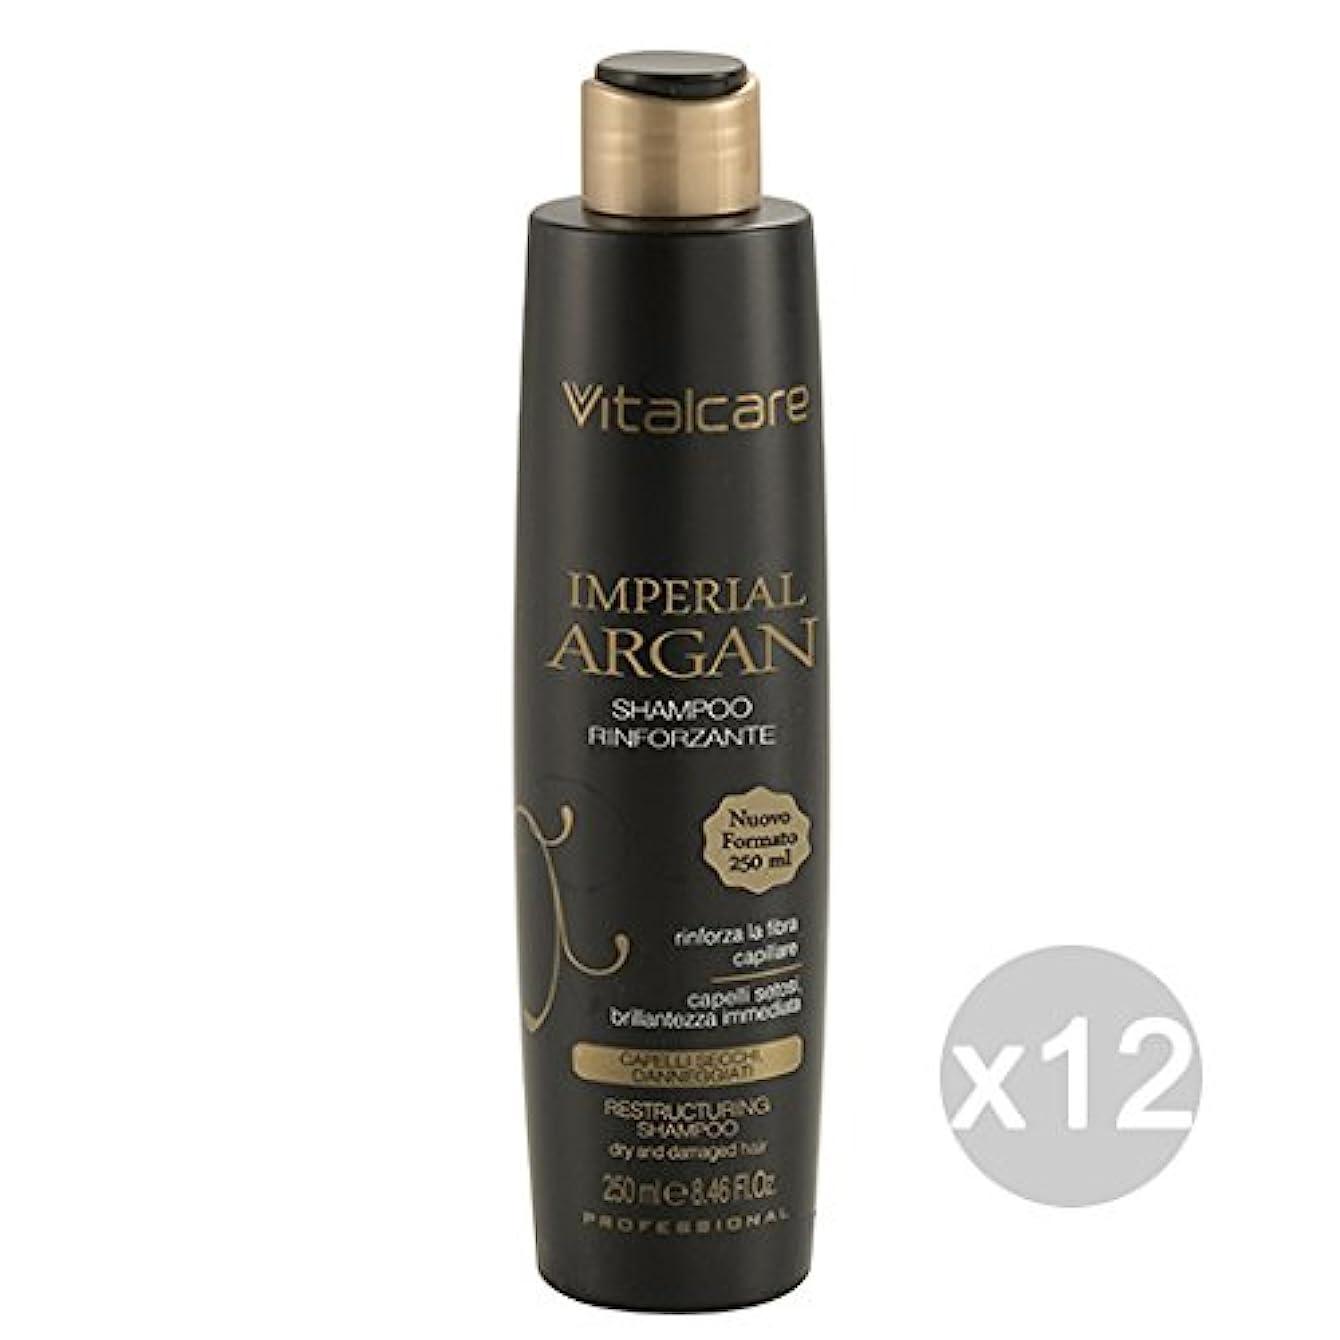 ソーセージ乳製品対処する髪のための12バイタルケアインペリアルアルガンシャンプー250ミリリットル製品のセット